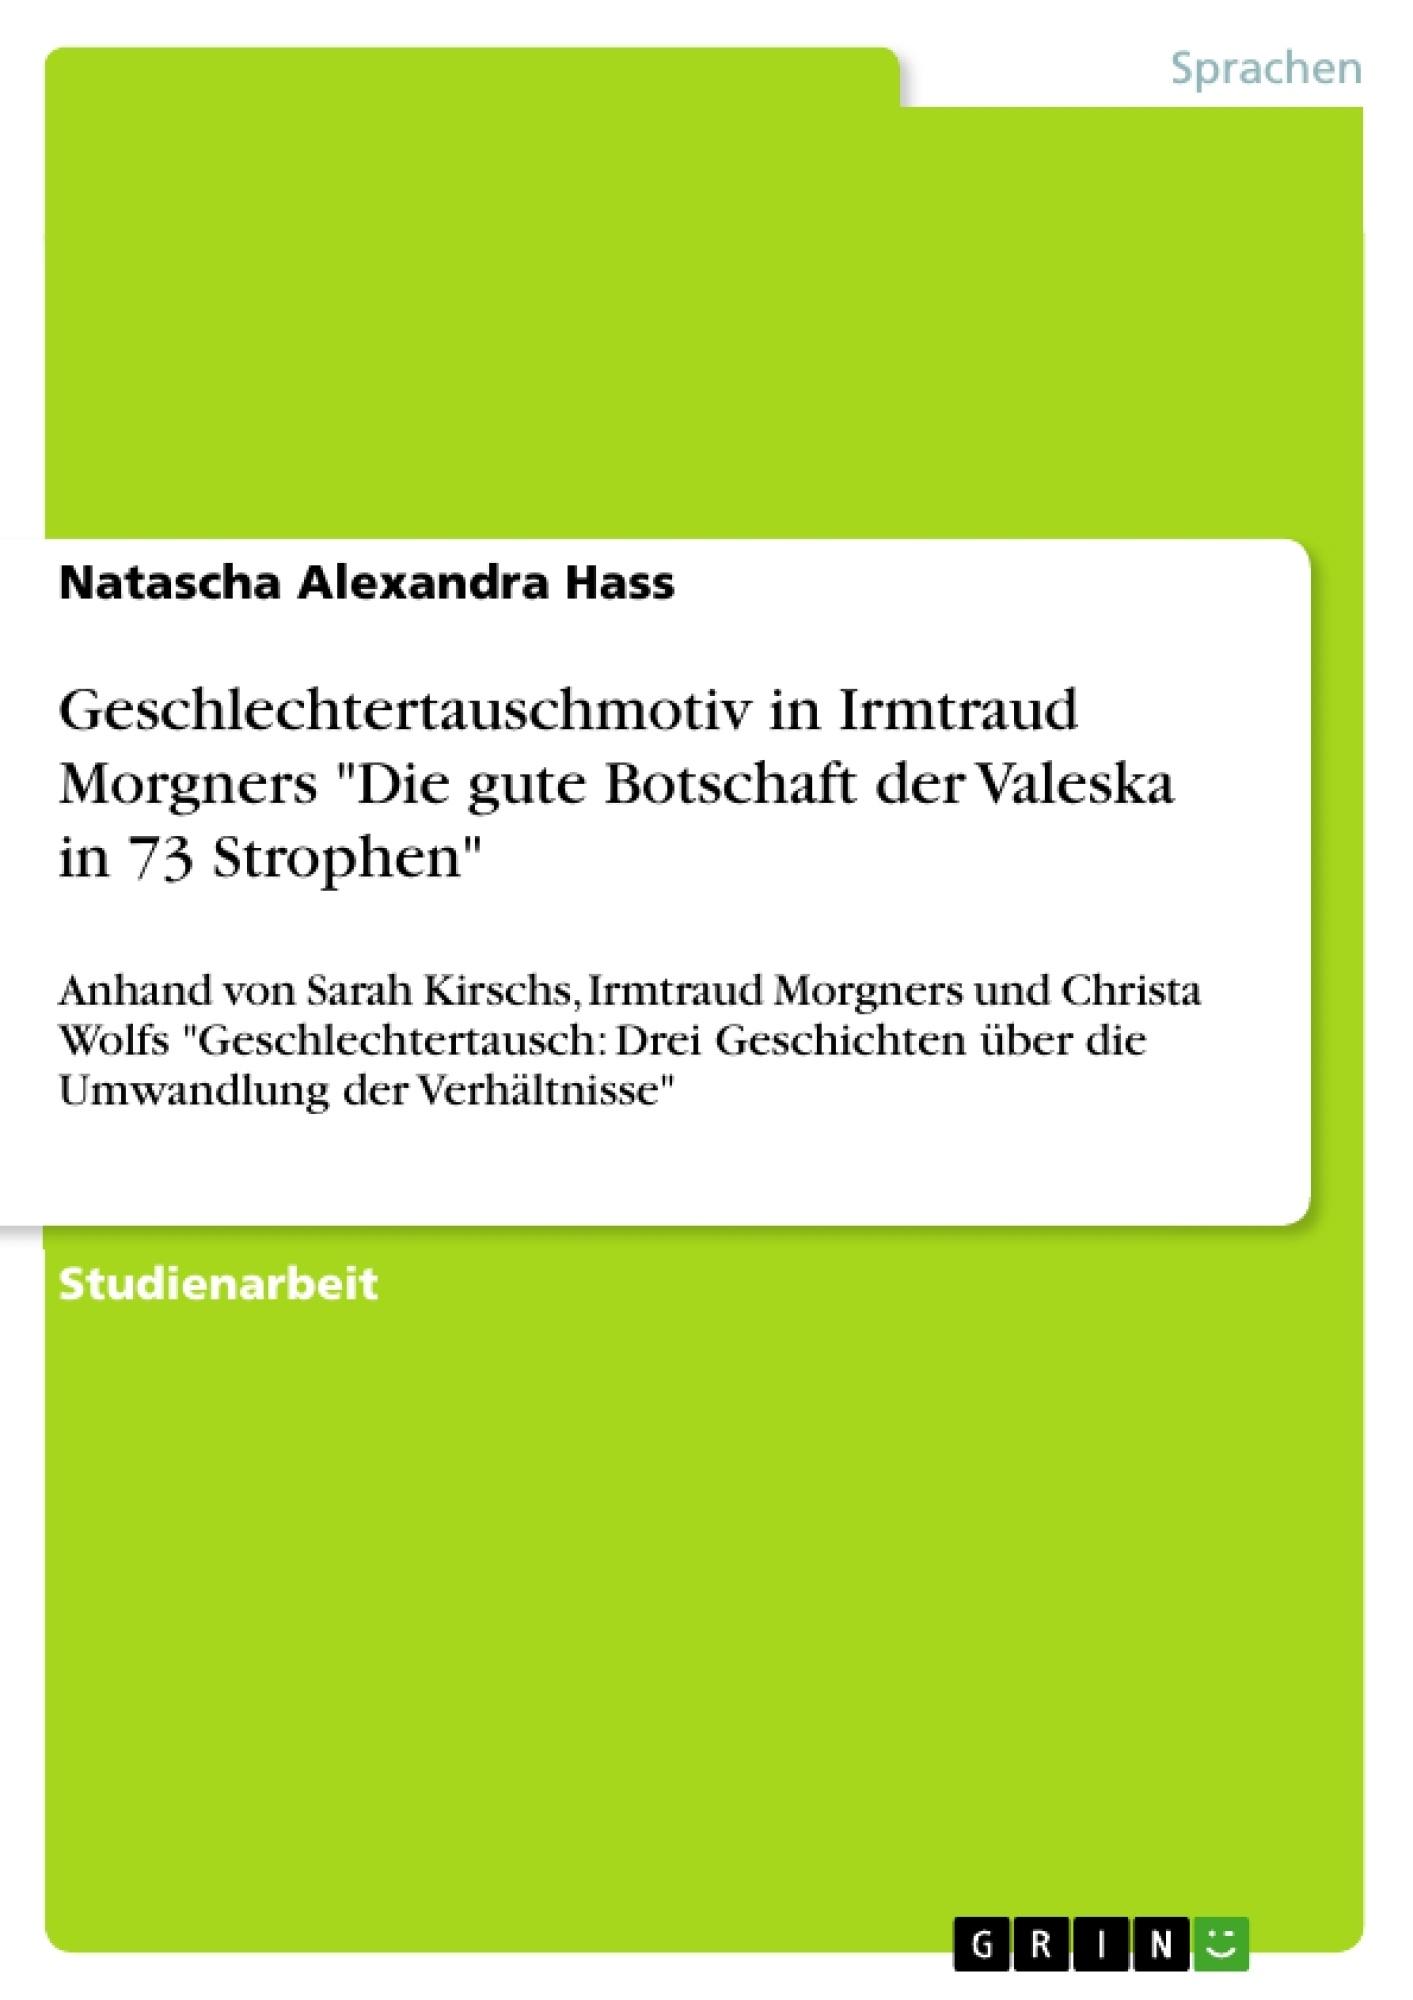 """Titel: Geschlechtertauschmotiv in Irmtraud Morgners """"Die gute Botschaft der Valeska in 73 Strophen"""""""